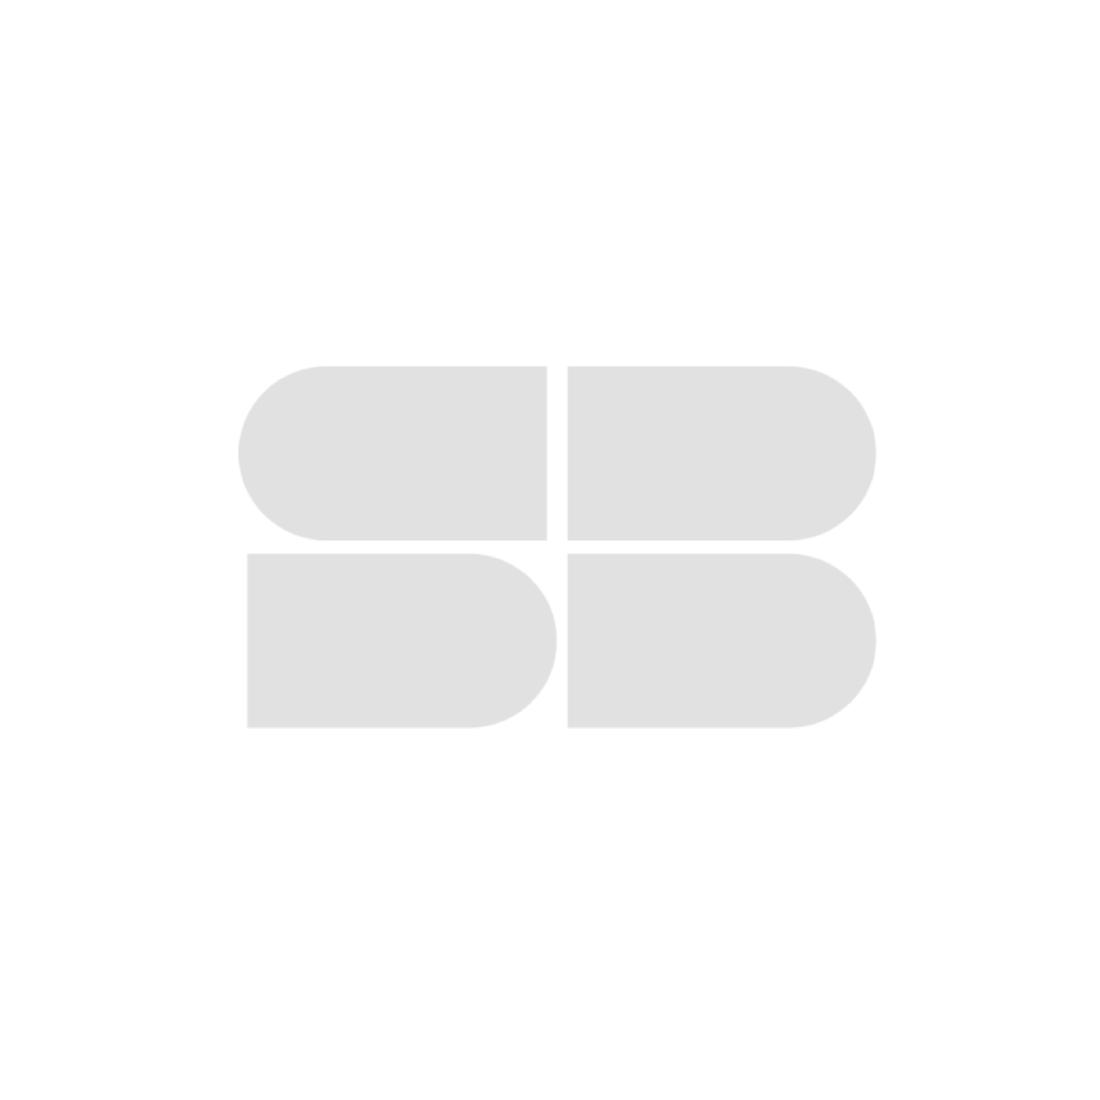 เก้าอี้นวดไฟฟ้า OTO รุ่น ES-06 สีแดง